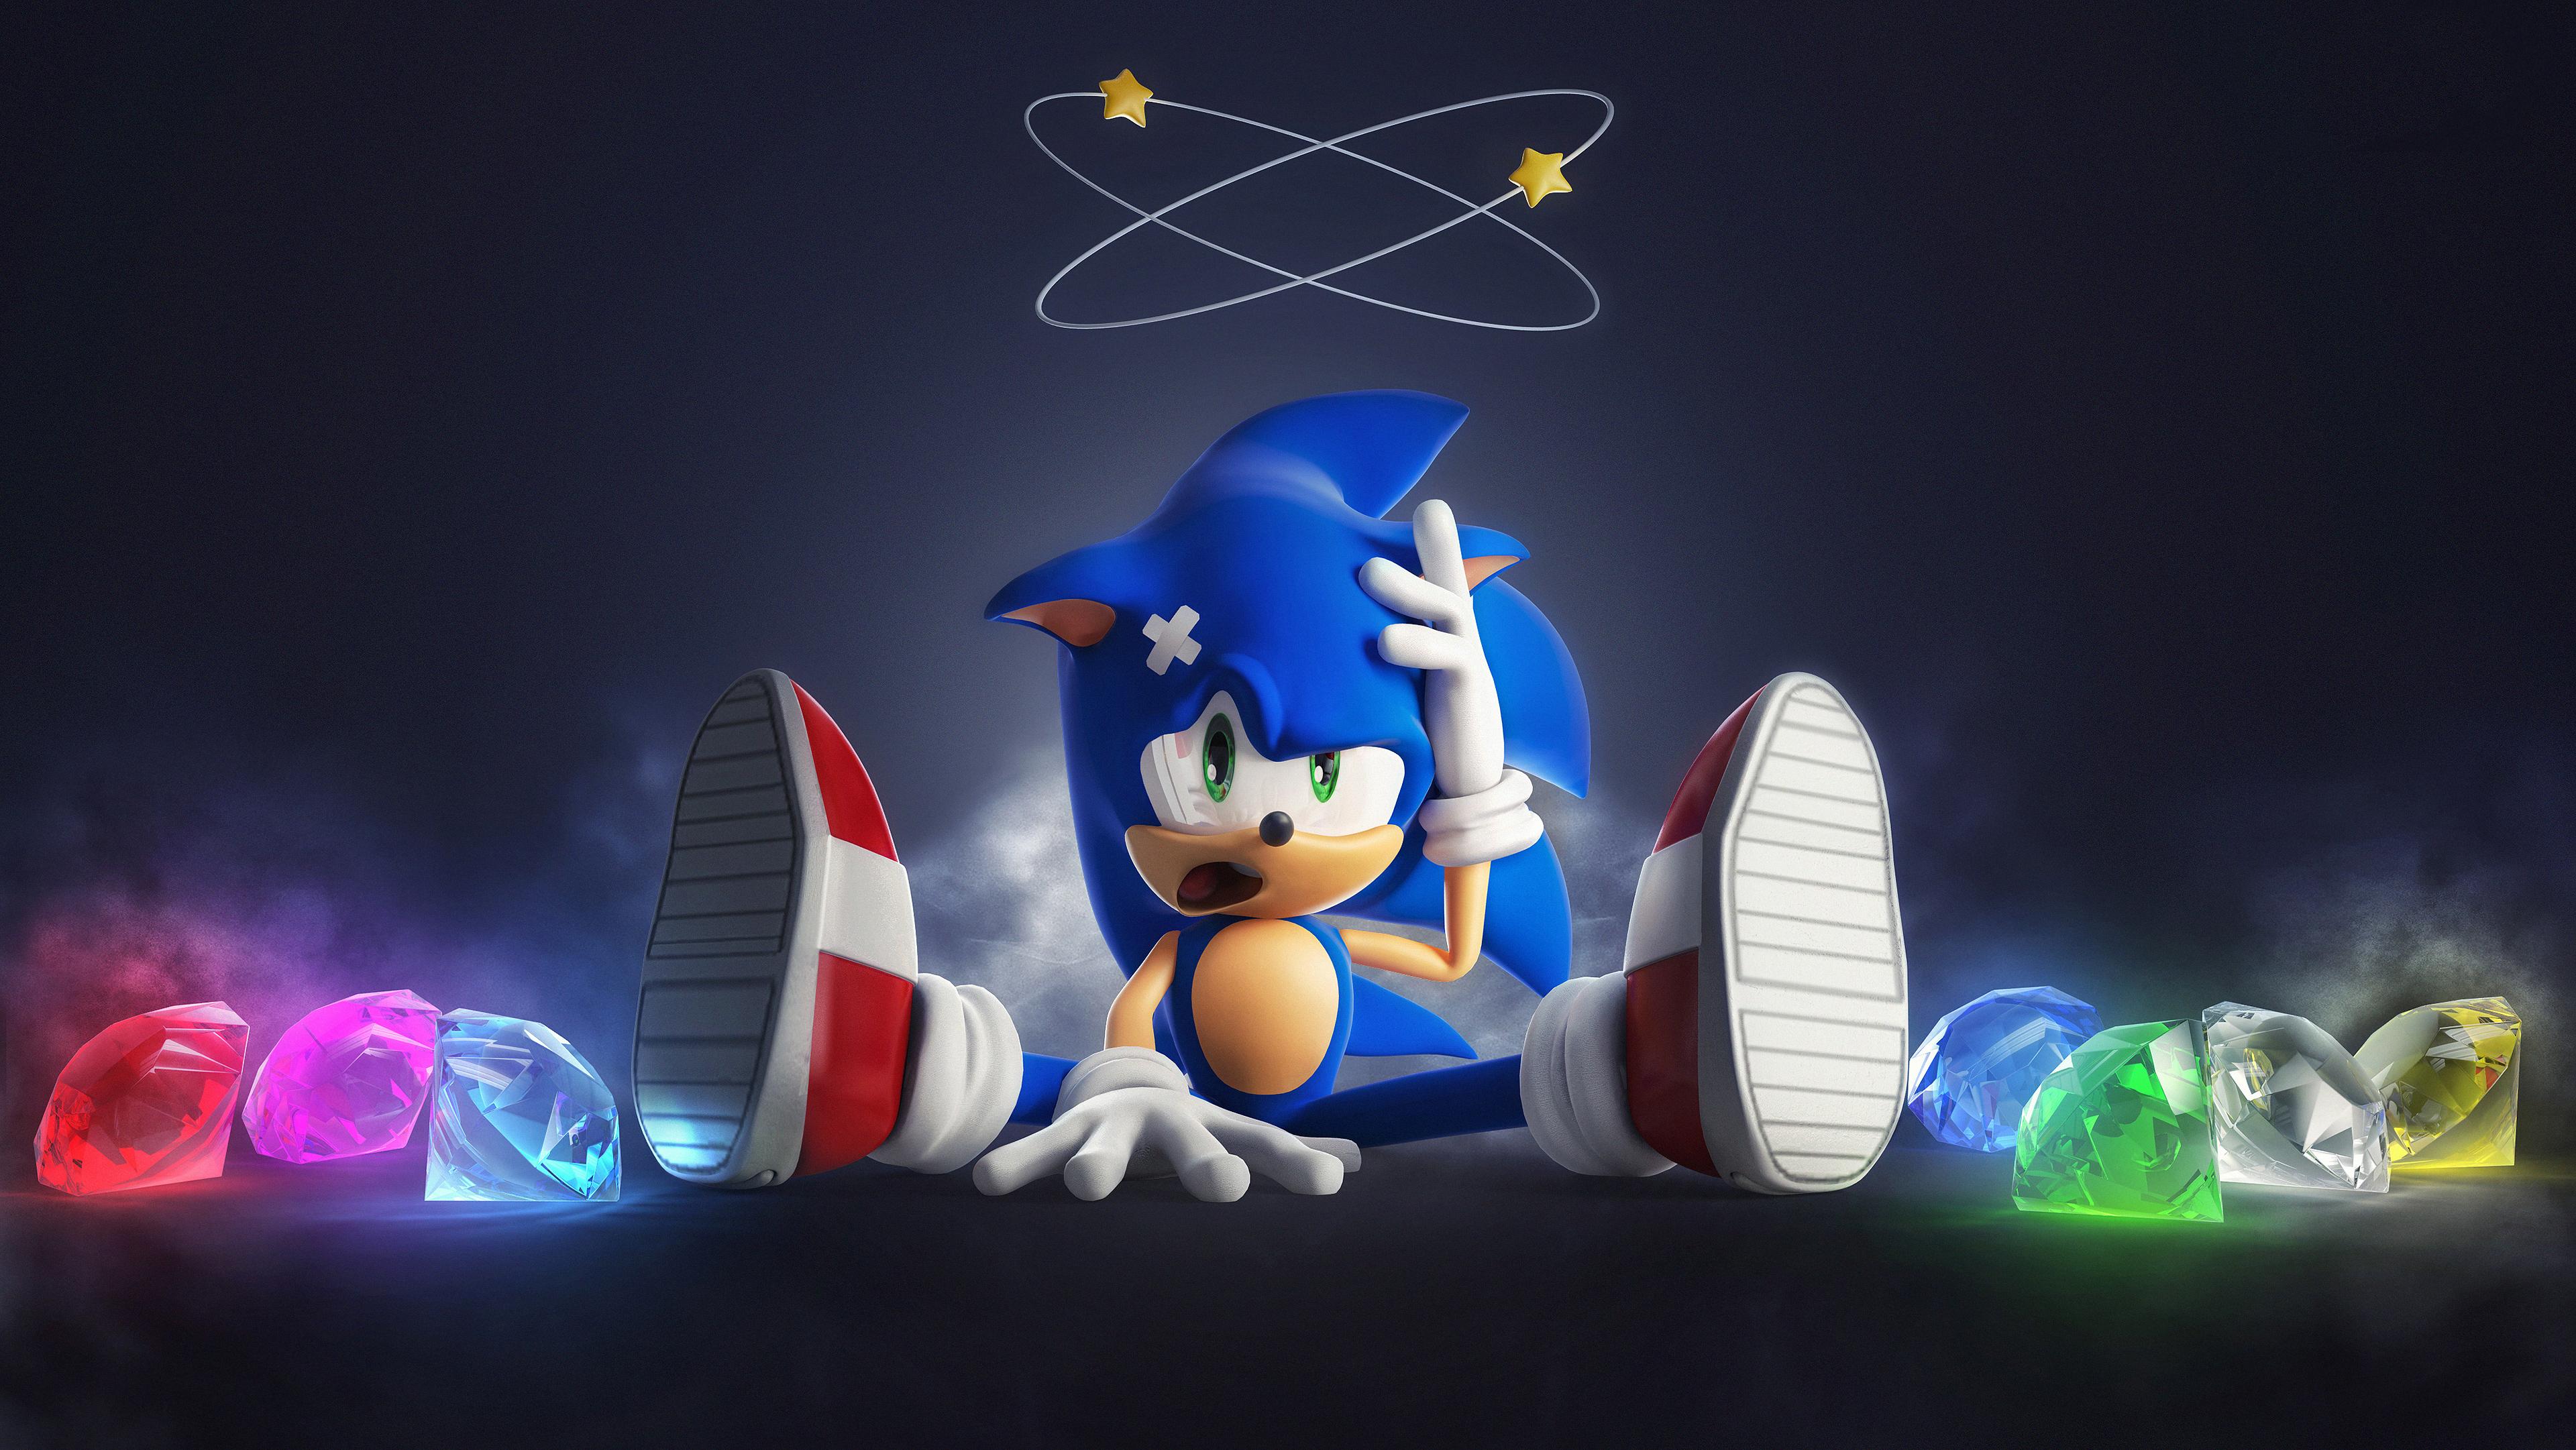 sonic the hedgehog art 1575659828 - Sonic The Hedgehog Art - sonic wallpaper 4k, sonic the hedgehog wallpapers, sonic hd 4k wallpaper